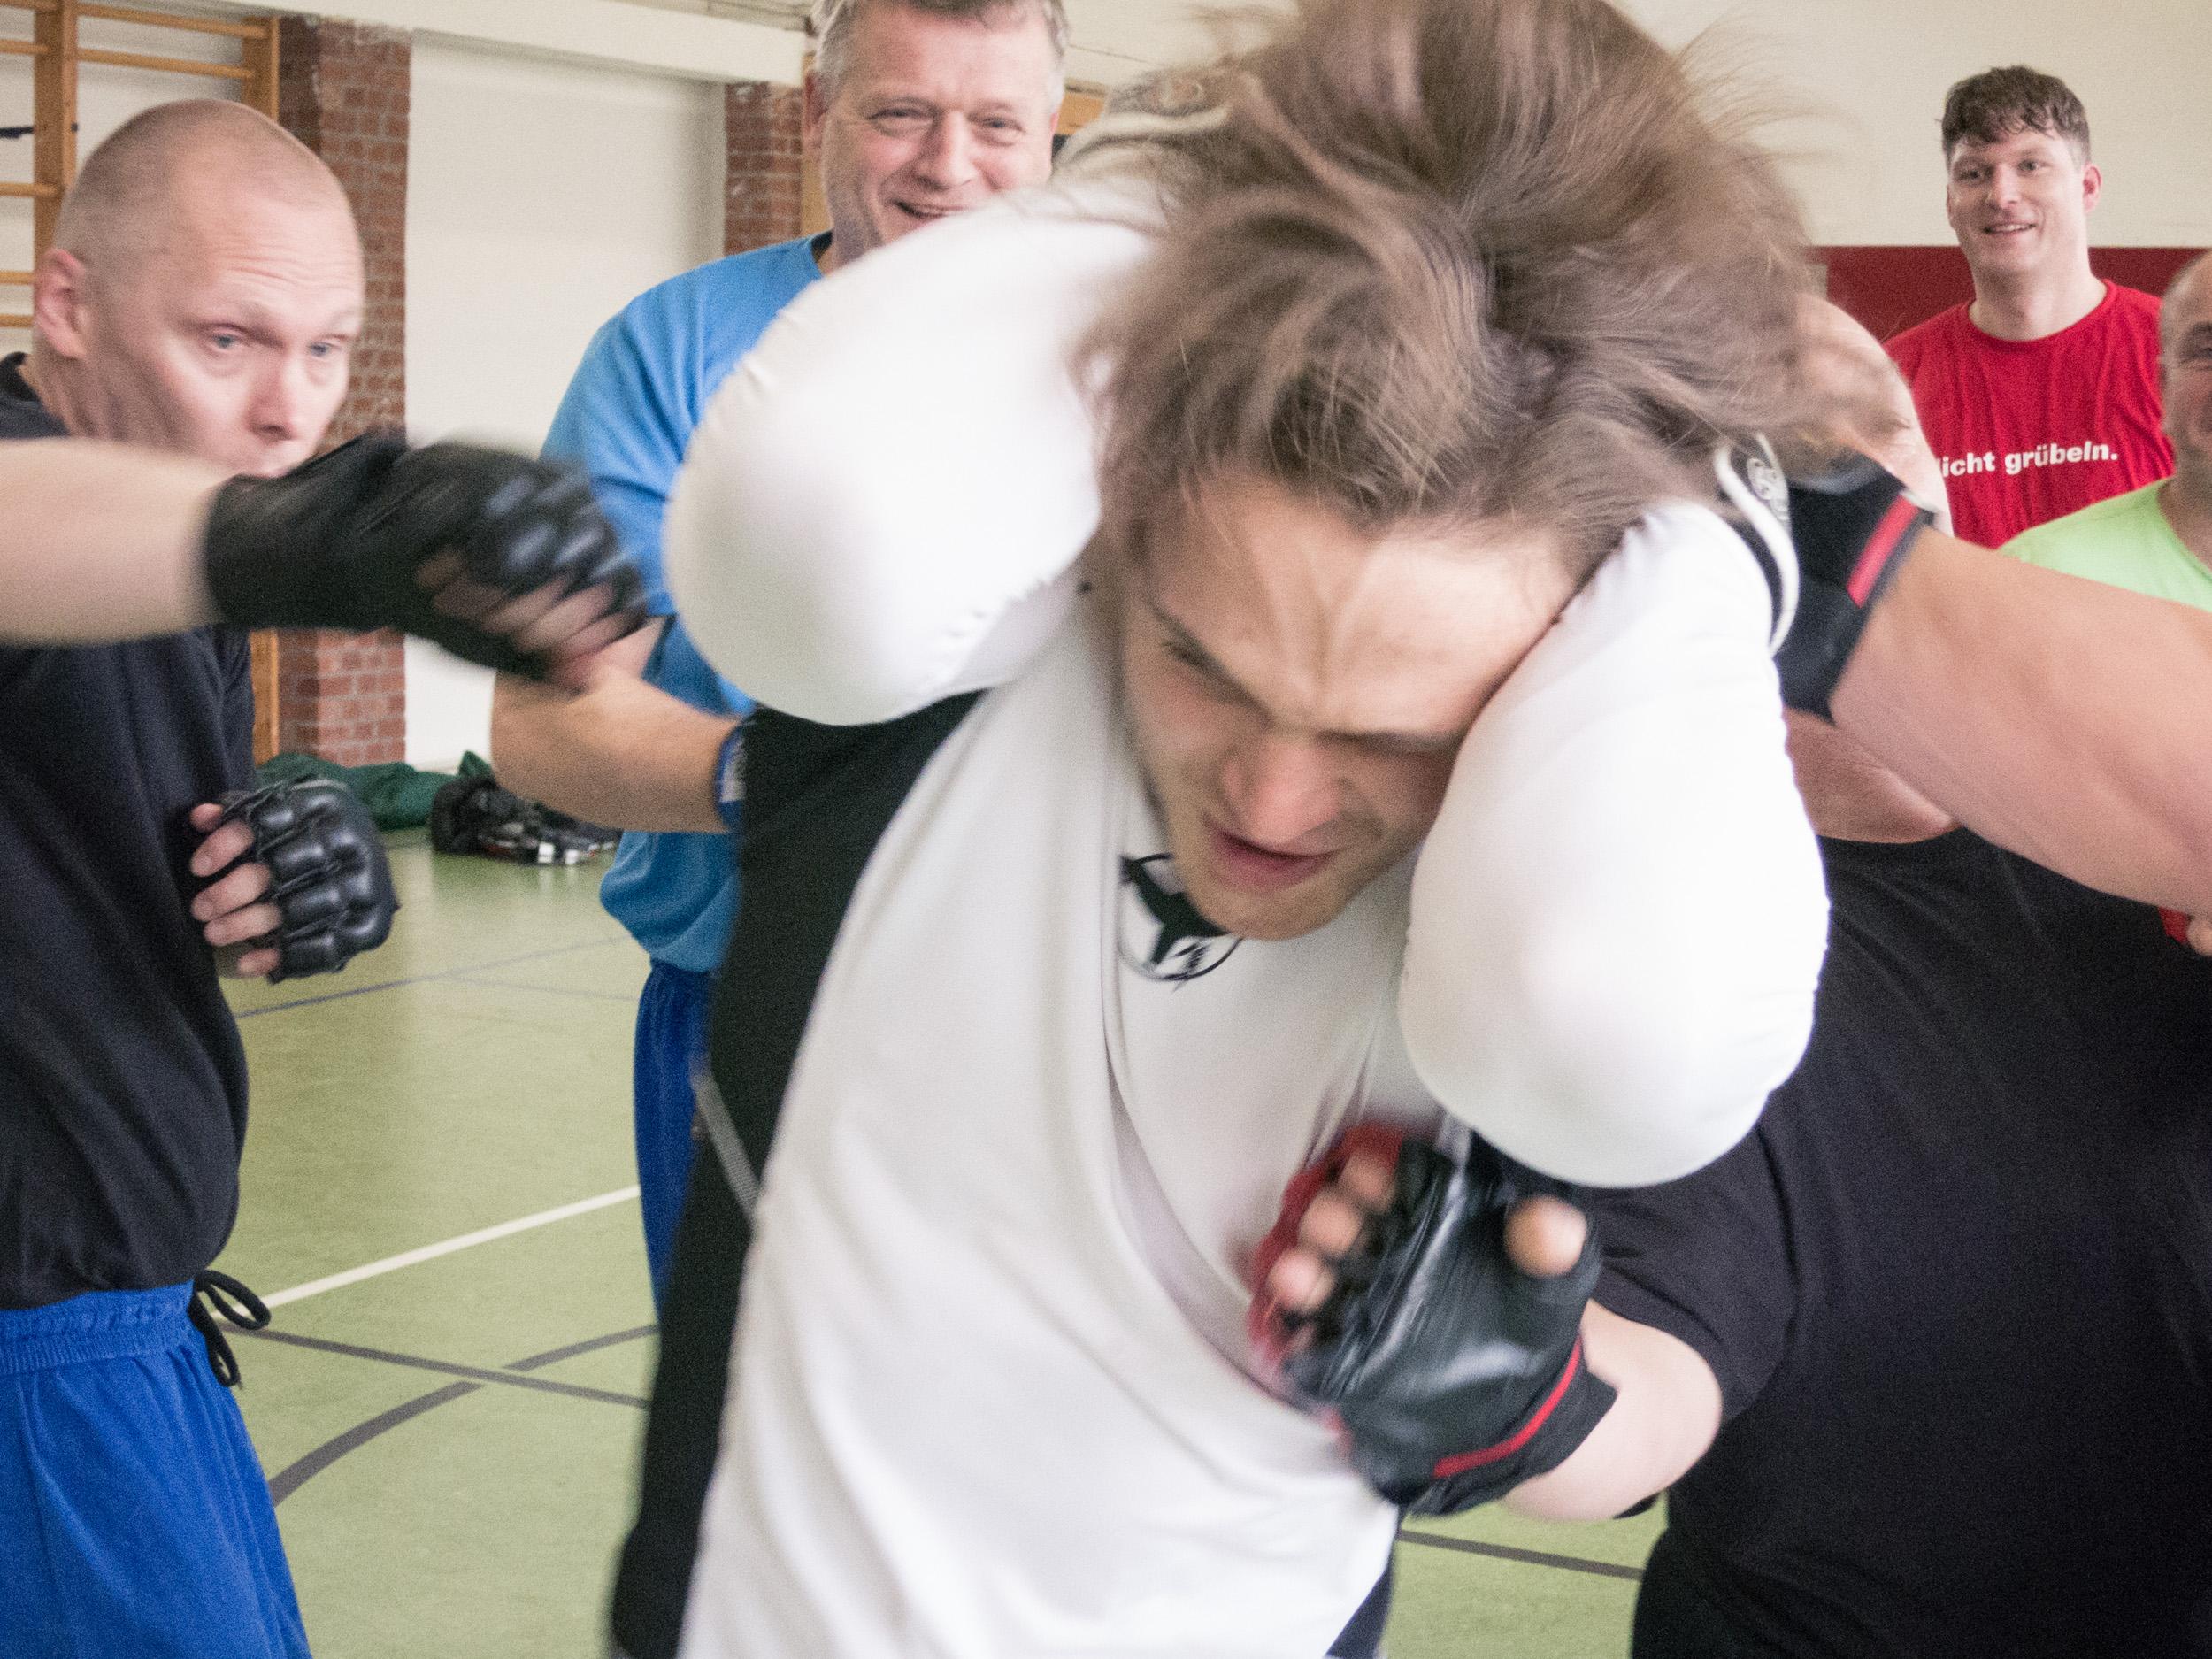 Aua! Ludwig in der Gasse der fliegenden Boxhandschuhe